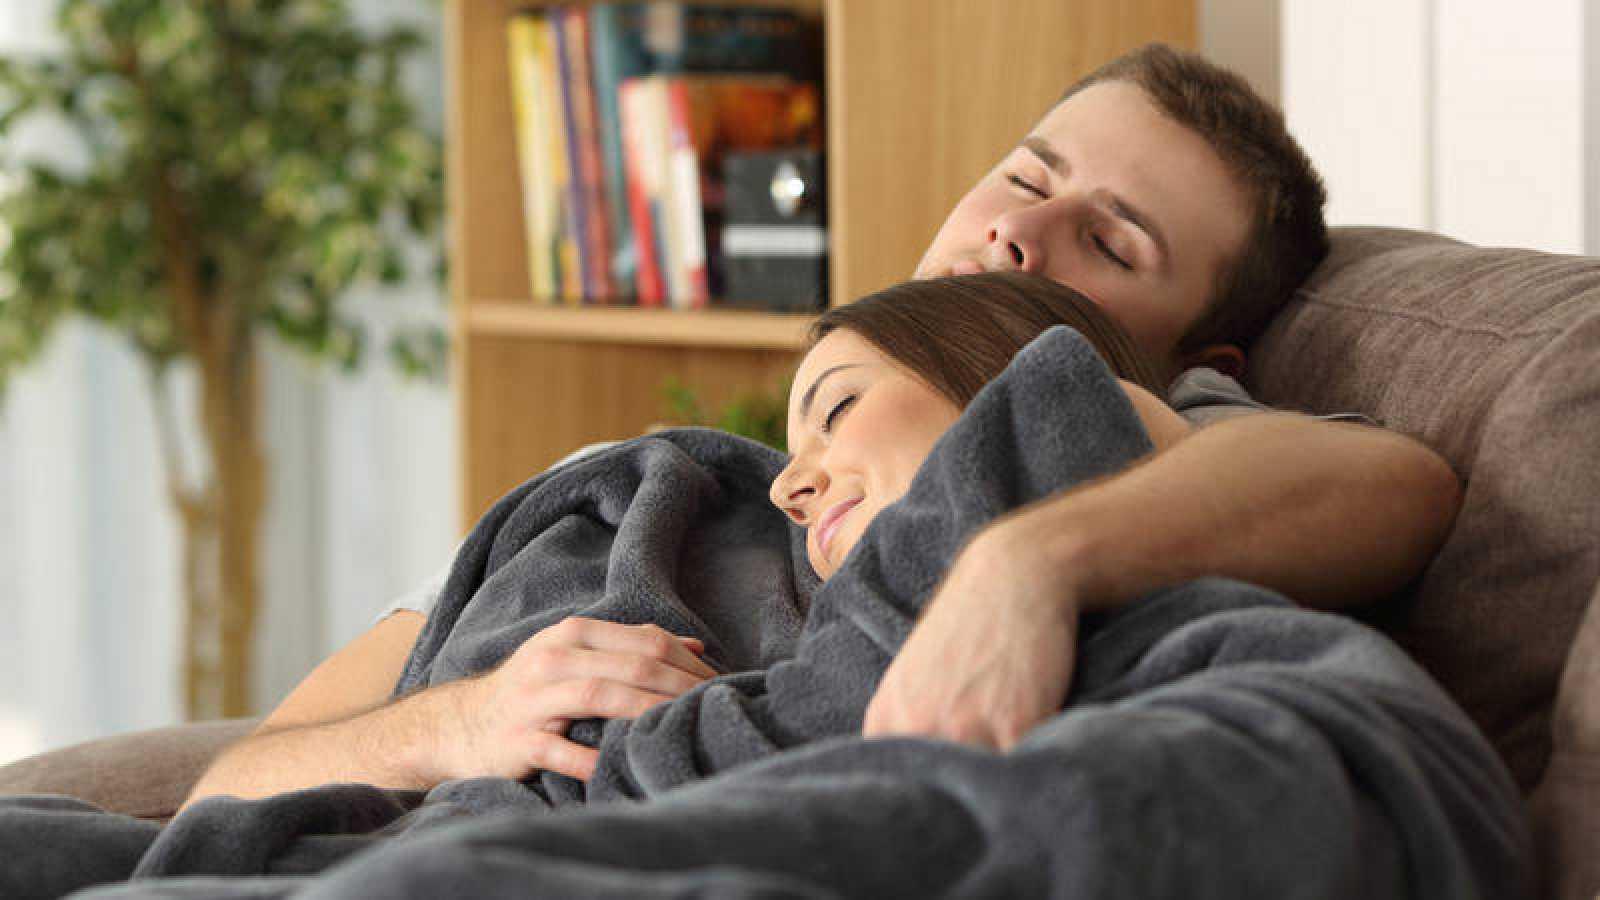 El efecto de las siestas en la salud y su relación con los problemas cardiovasculares continúa sin estar claro.